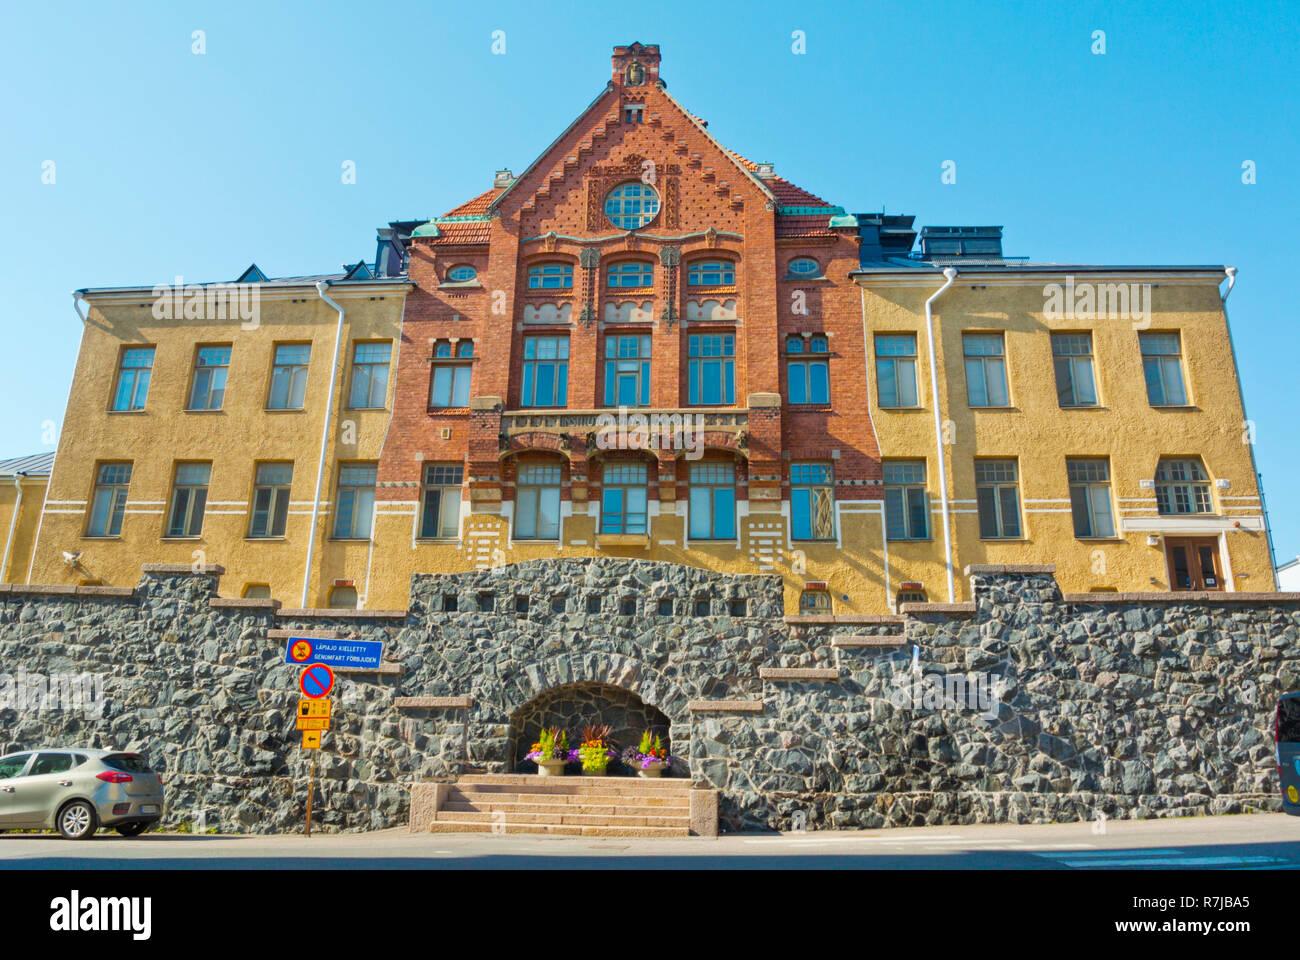 Fysiologian laitos, Abteilung für Physiologie und Anatomian laitos, Institut für Anatomie, Universität Helsinki, Kruununhaka, Helsinki, Finnland Stockbild